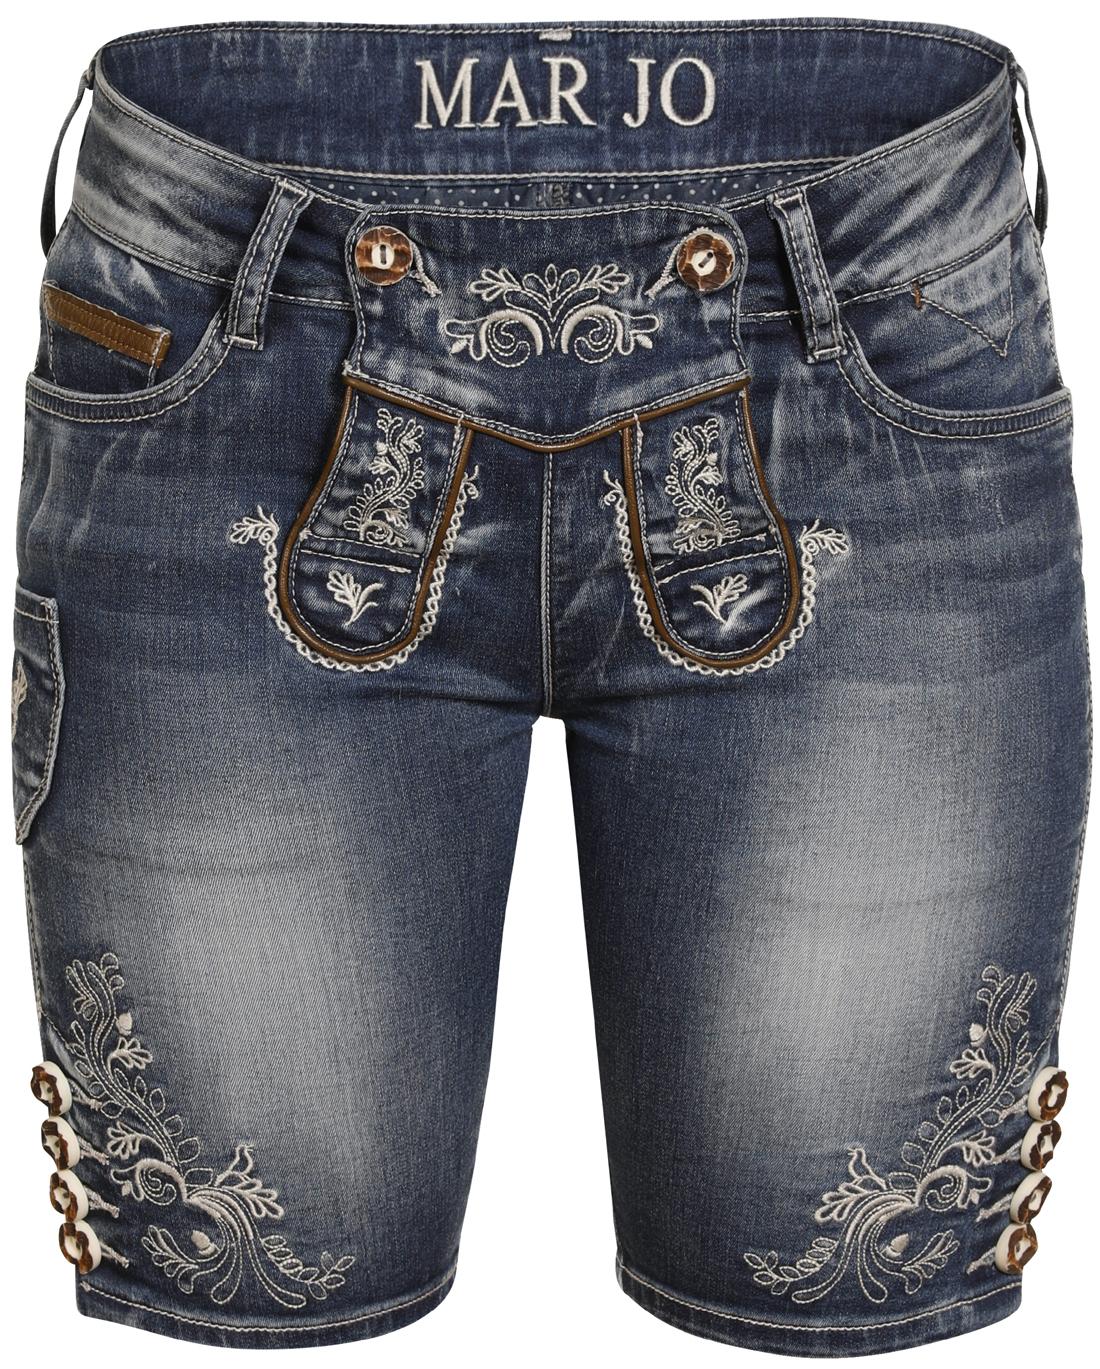 Marjo Trachten Damen Jeans Hose kurz Bermuda blau Lederoptik Franziska Shorts